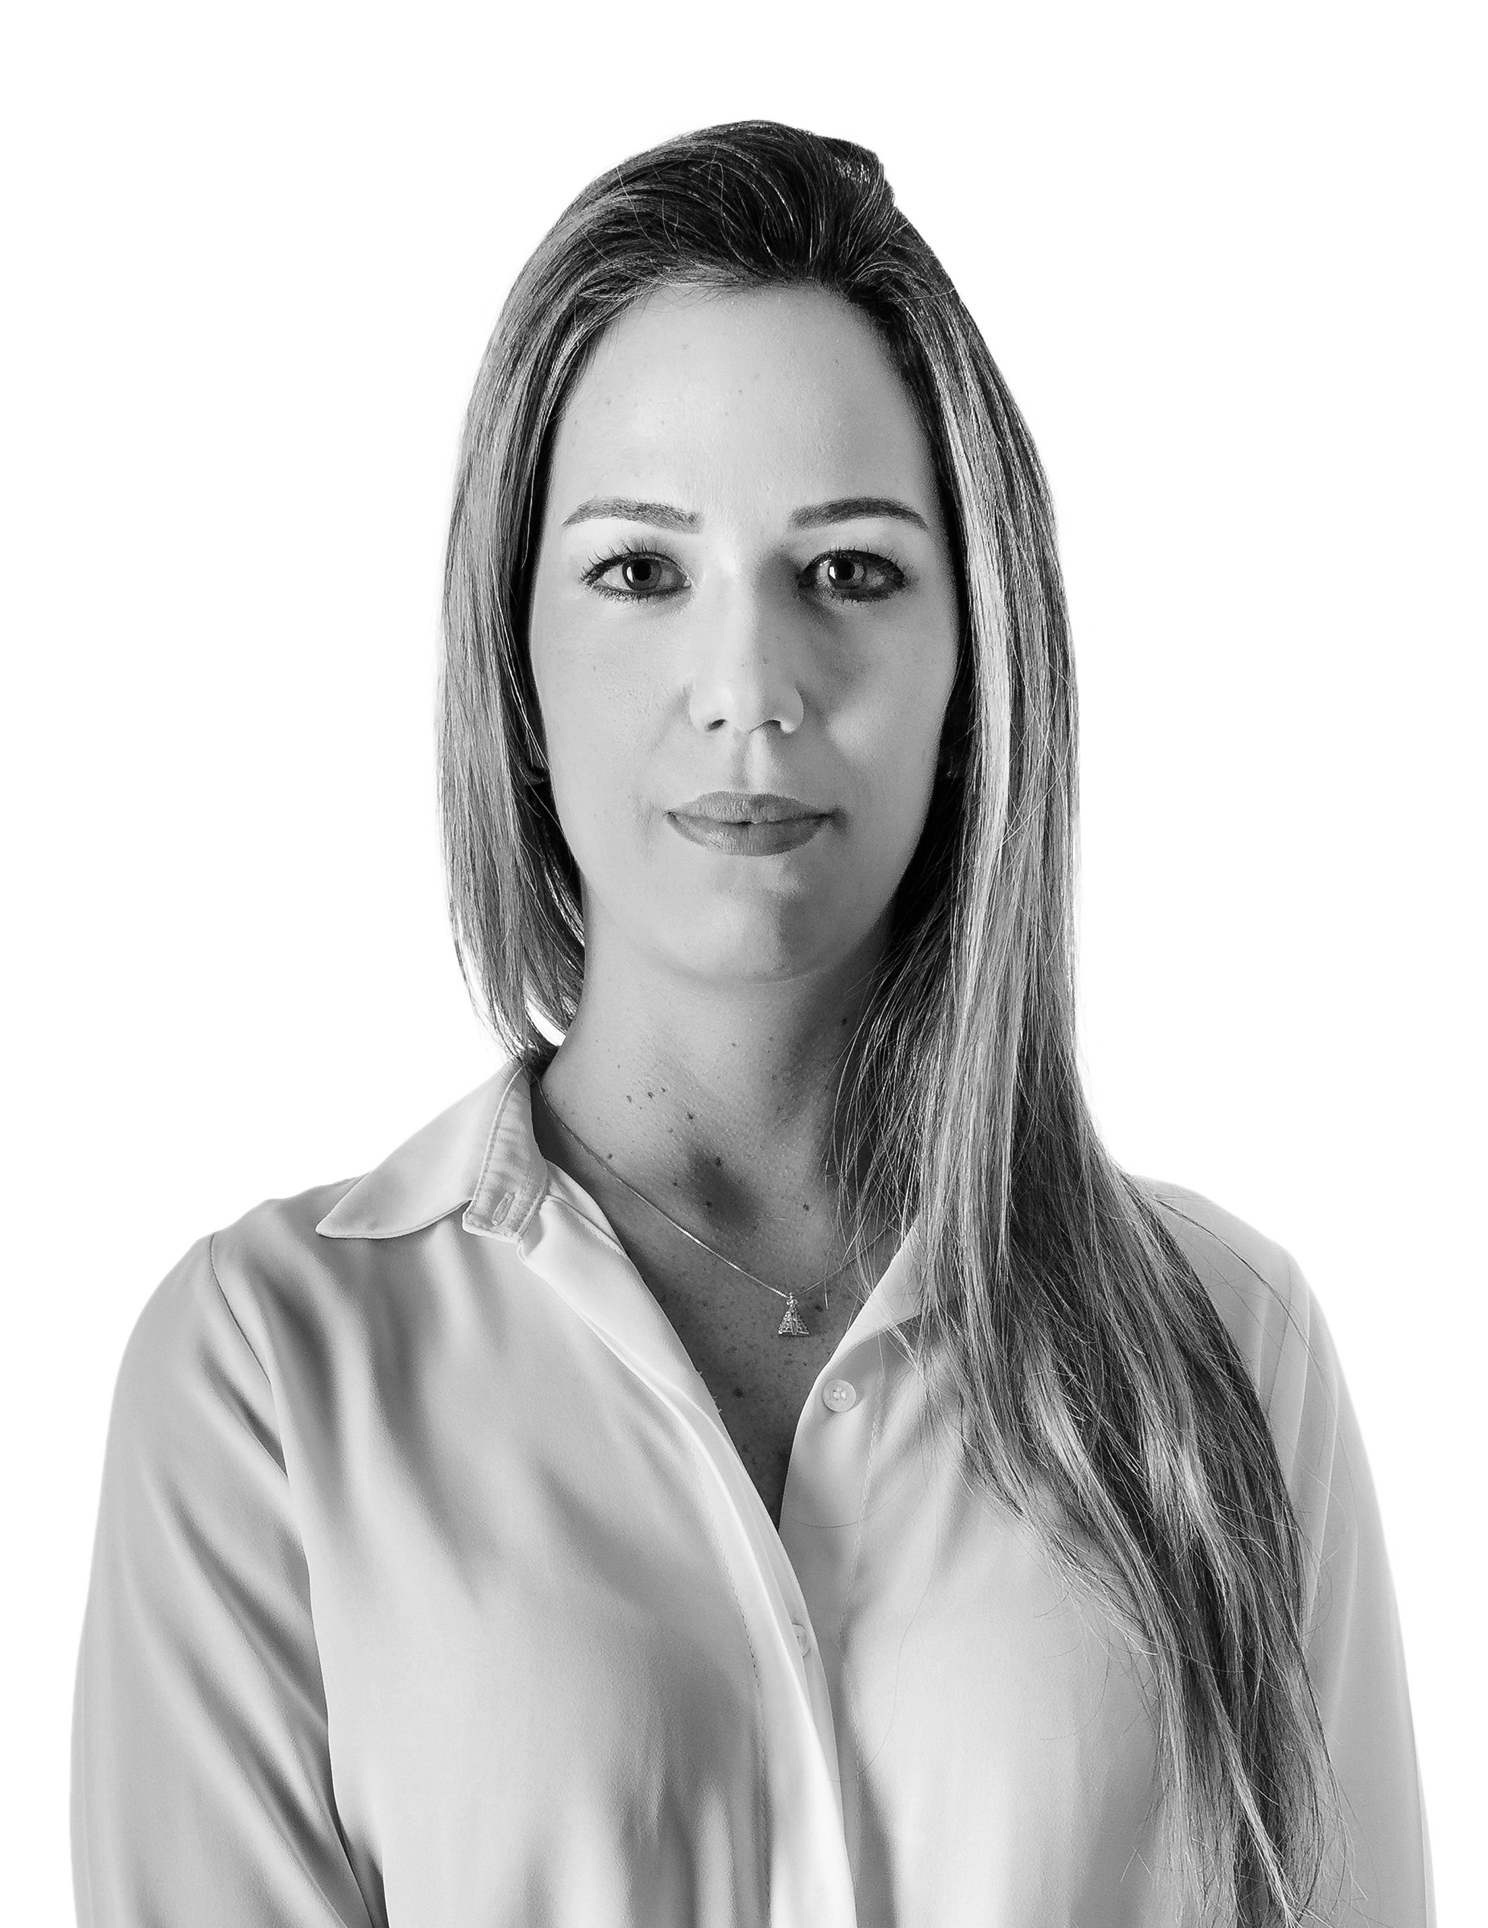 Mayra Eto Maia